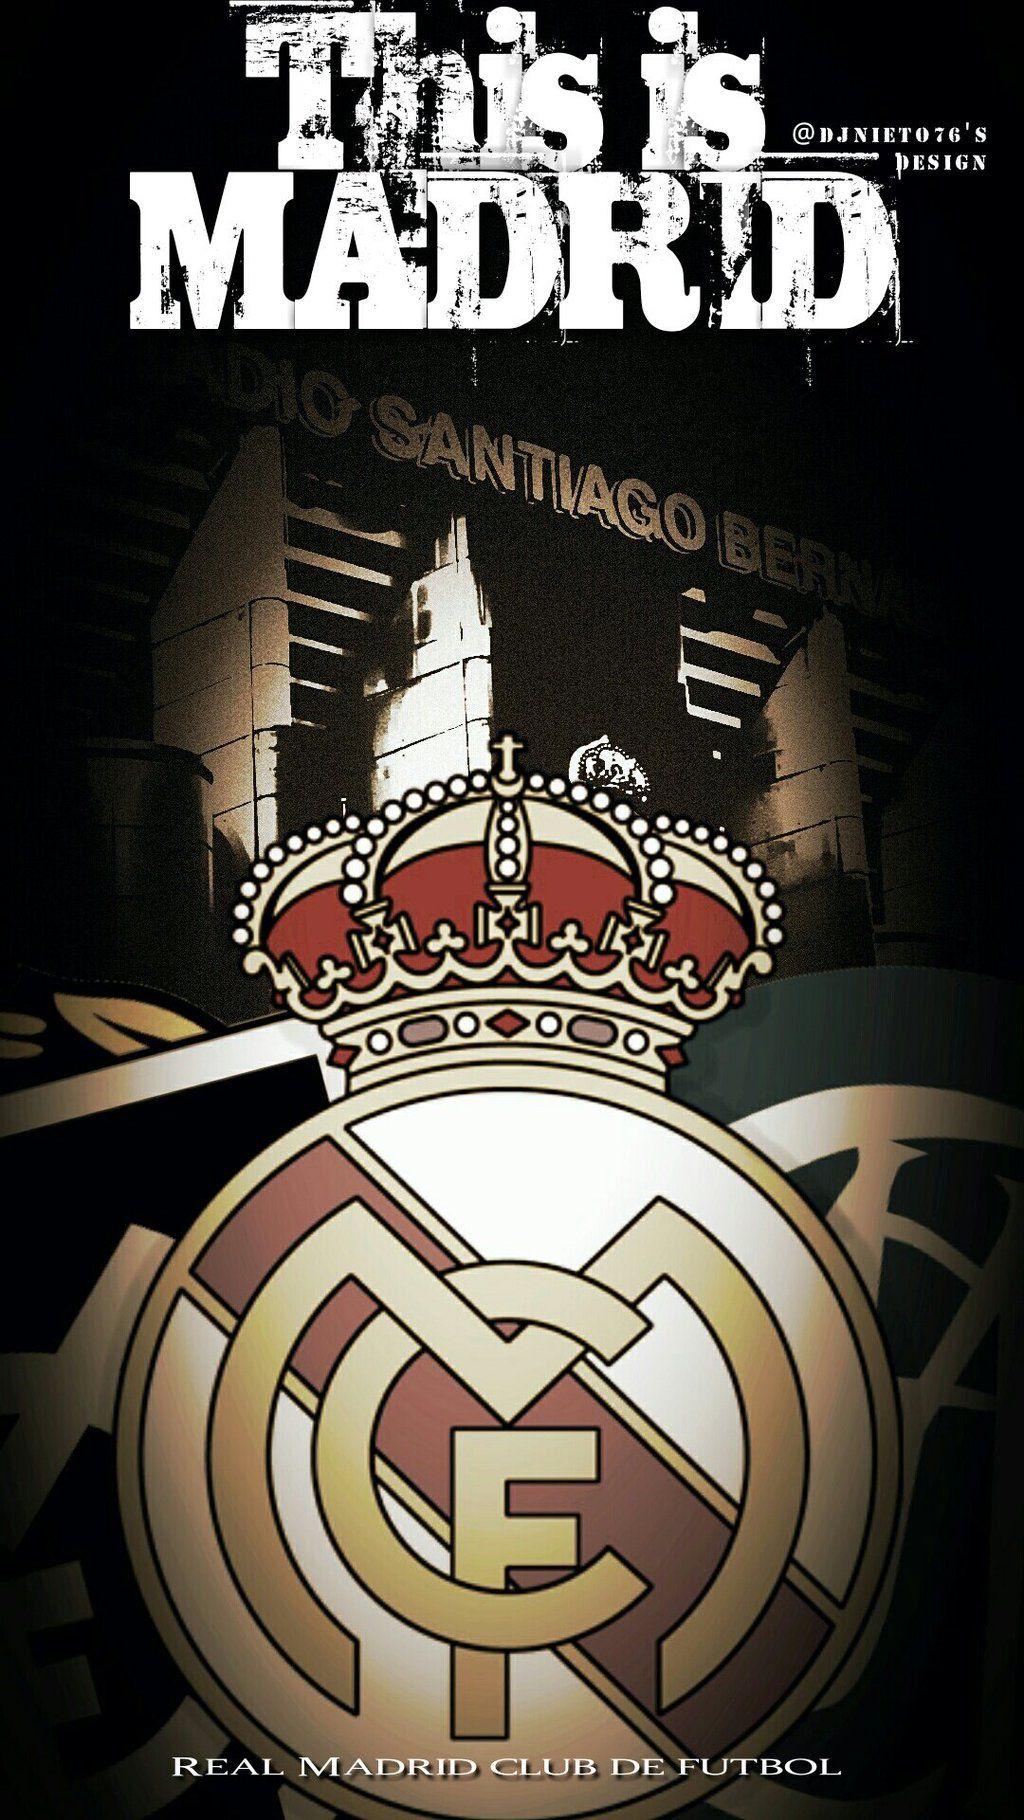 Pin Oleh Alexis Brin Di Real Madrid Real Madrid Sepak Bola Madrid